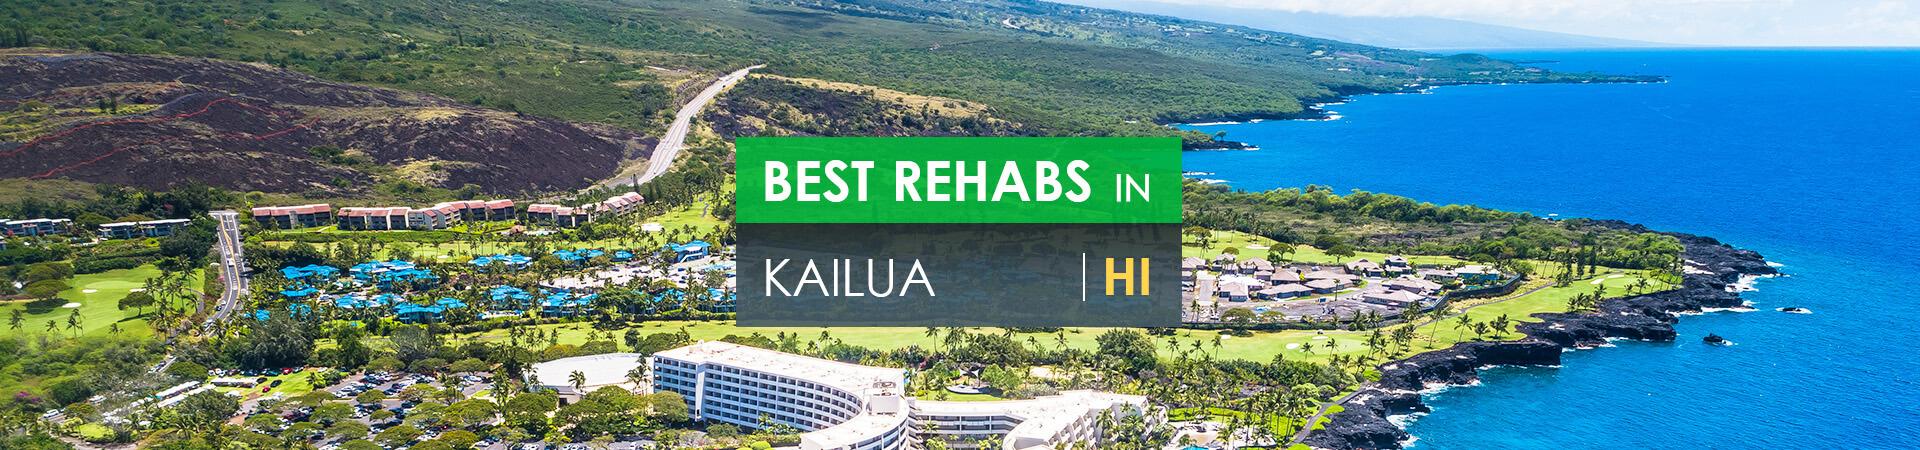 Best rehabs in Kailua, HI